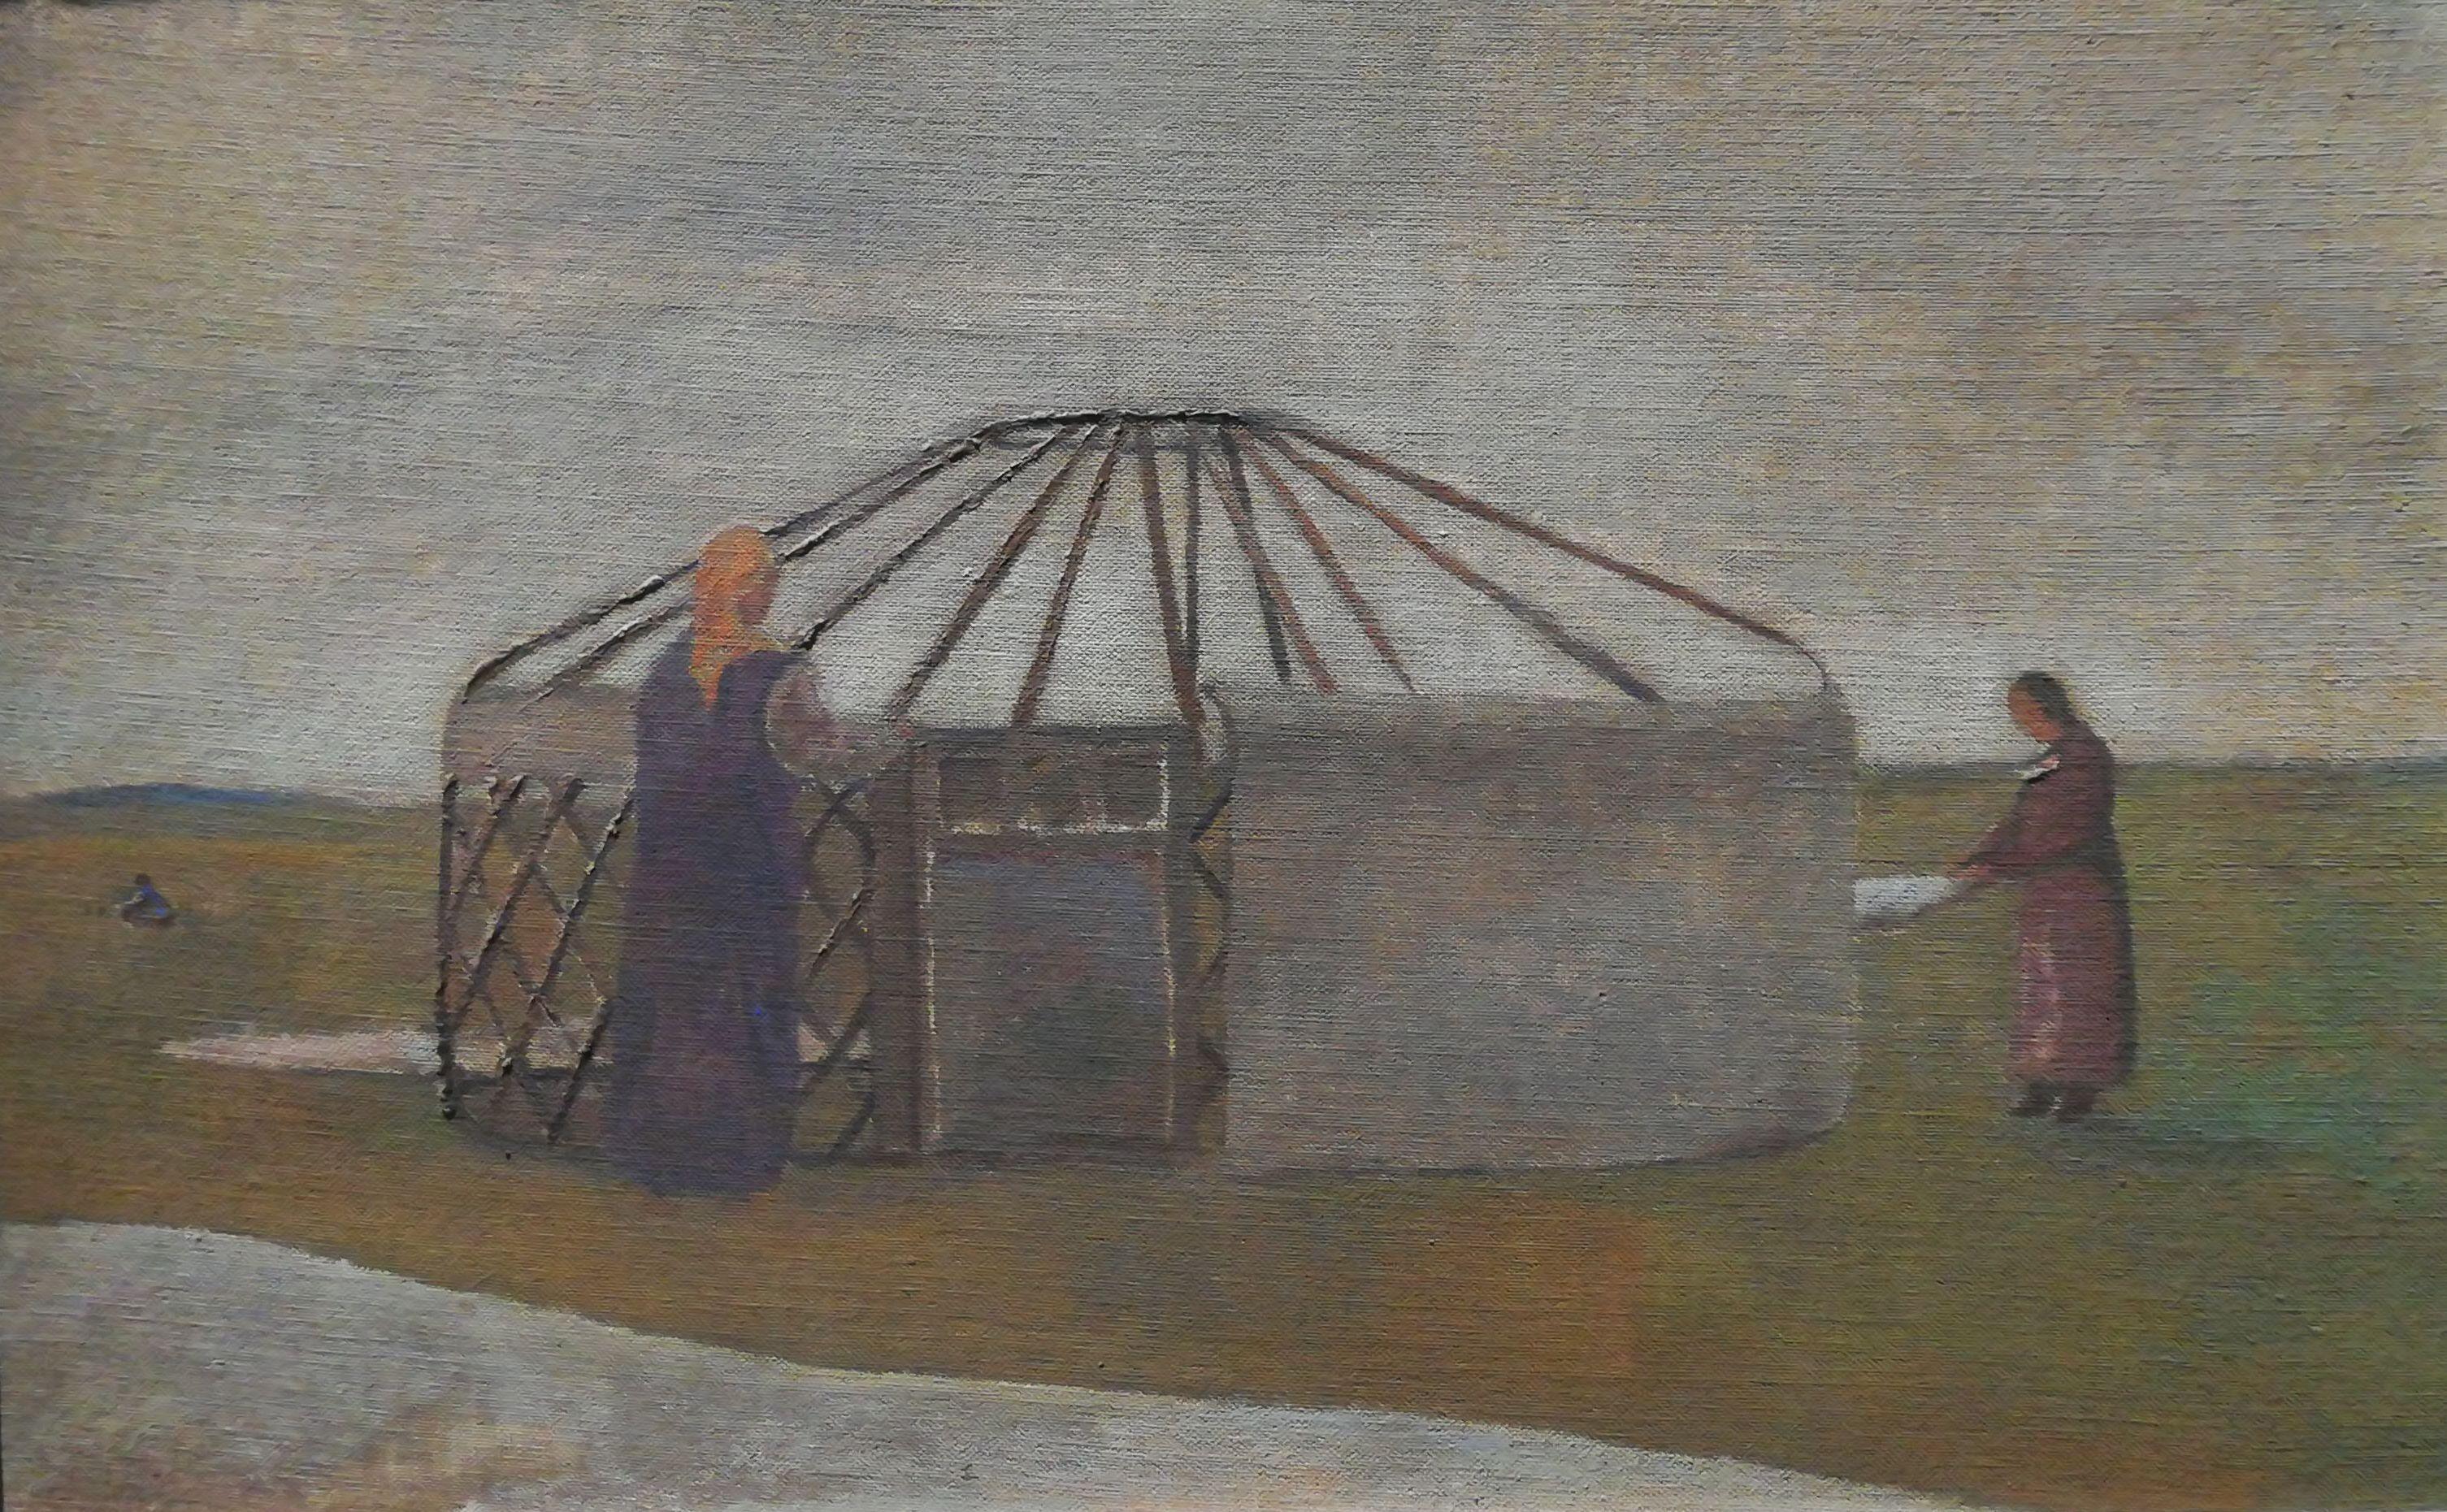 Yurta mongola- 2007. Tempera